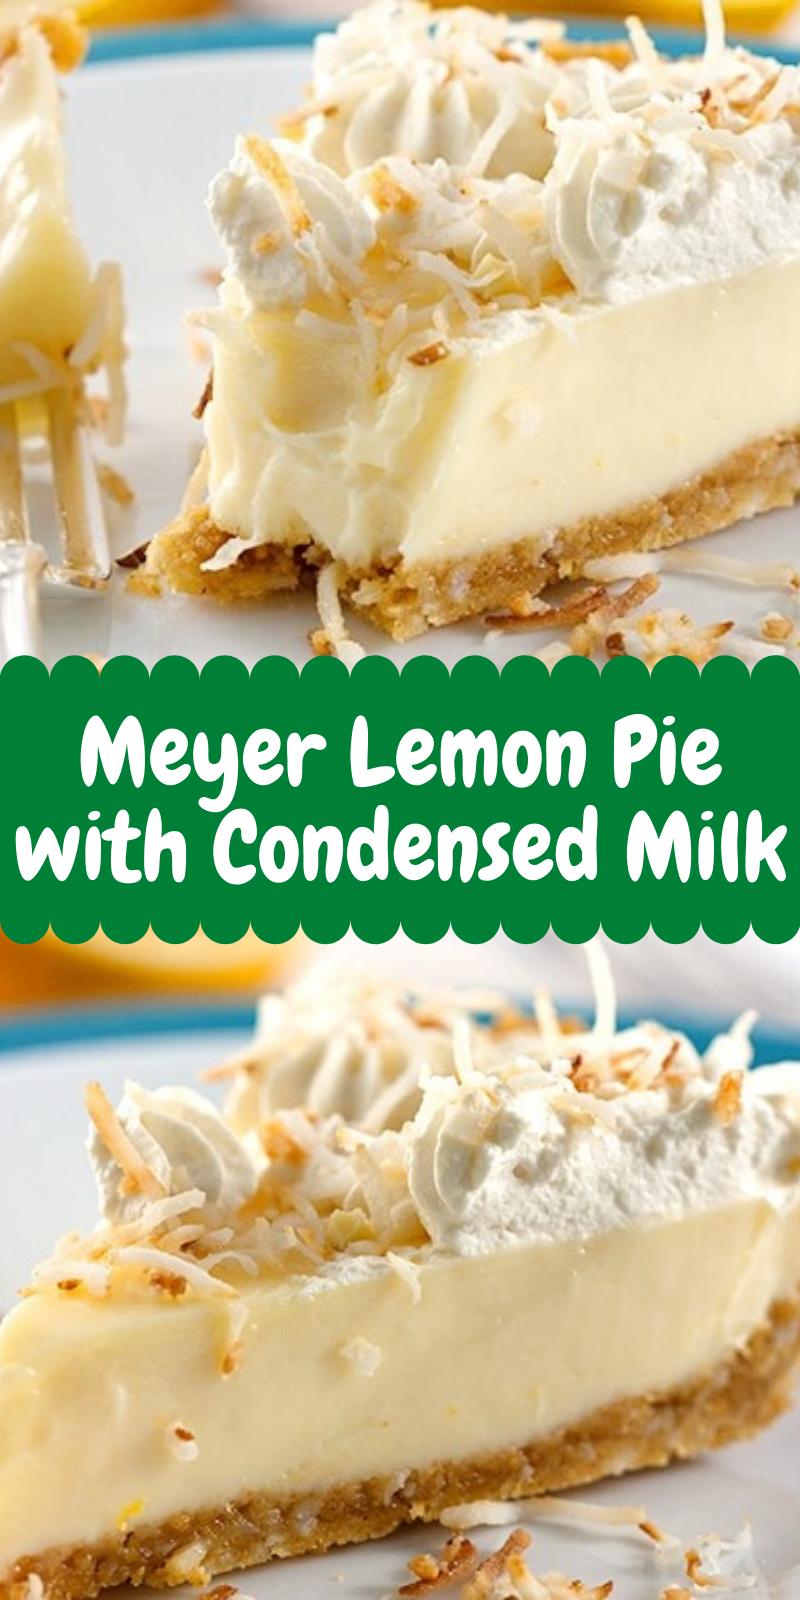 Best Ever Meyer Lemon Pie With Condensed Milk In 2020 Lemon Pie Dessert Recipes Meyer Lemon